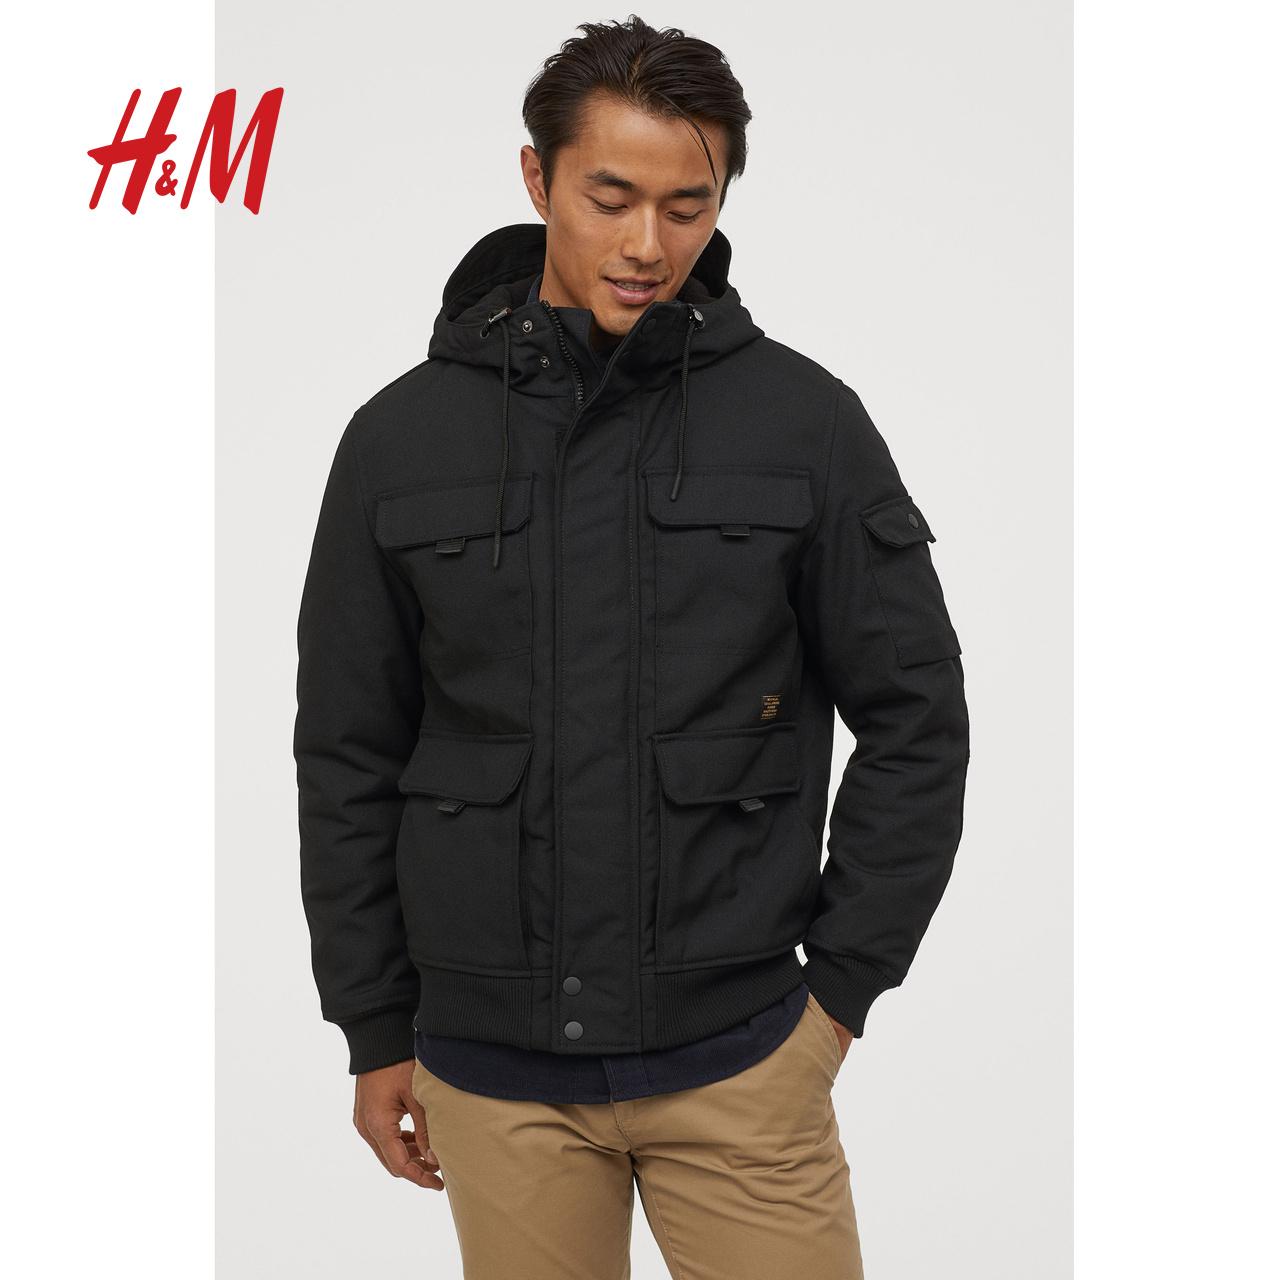 HM 0762174 男士派克工装棉服 170元(需用券)